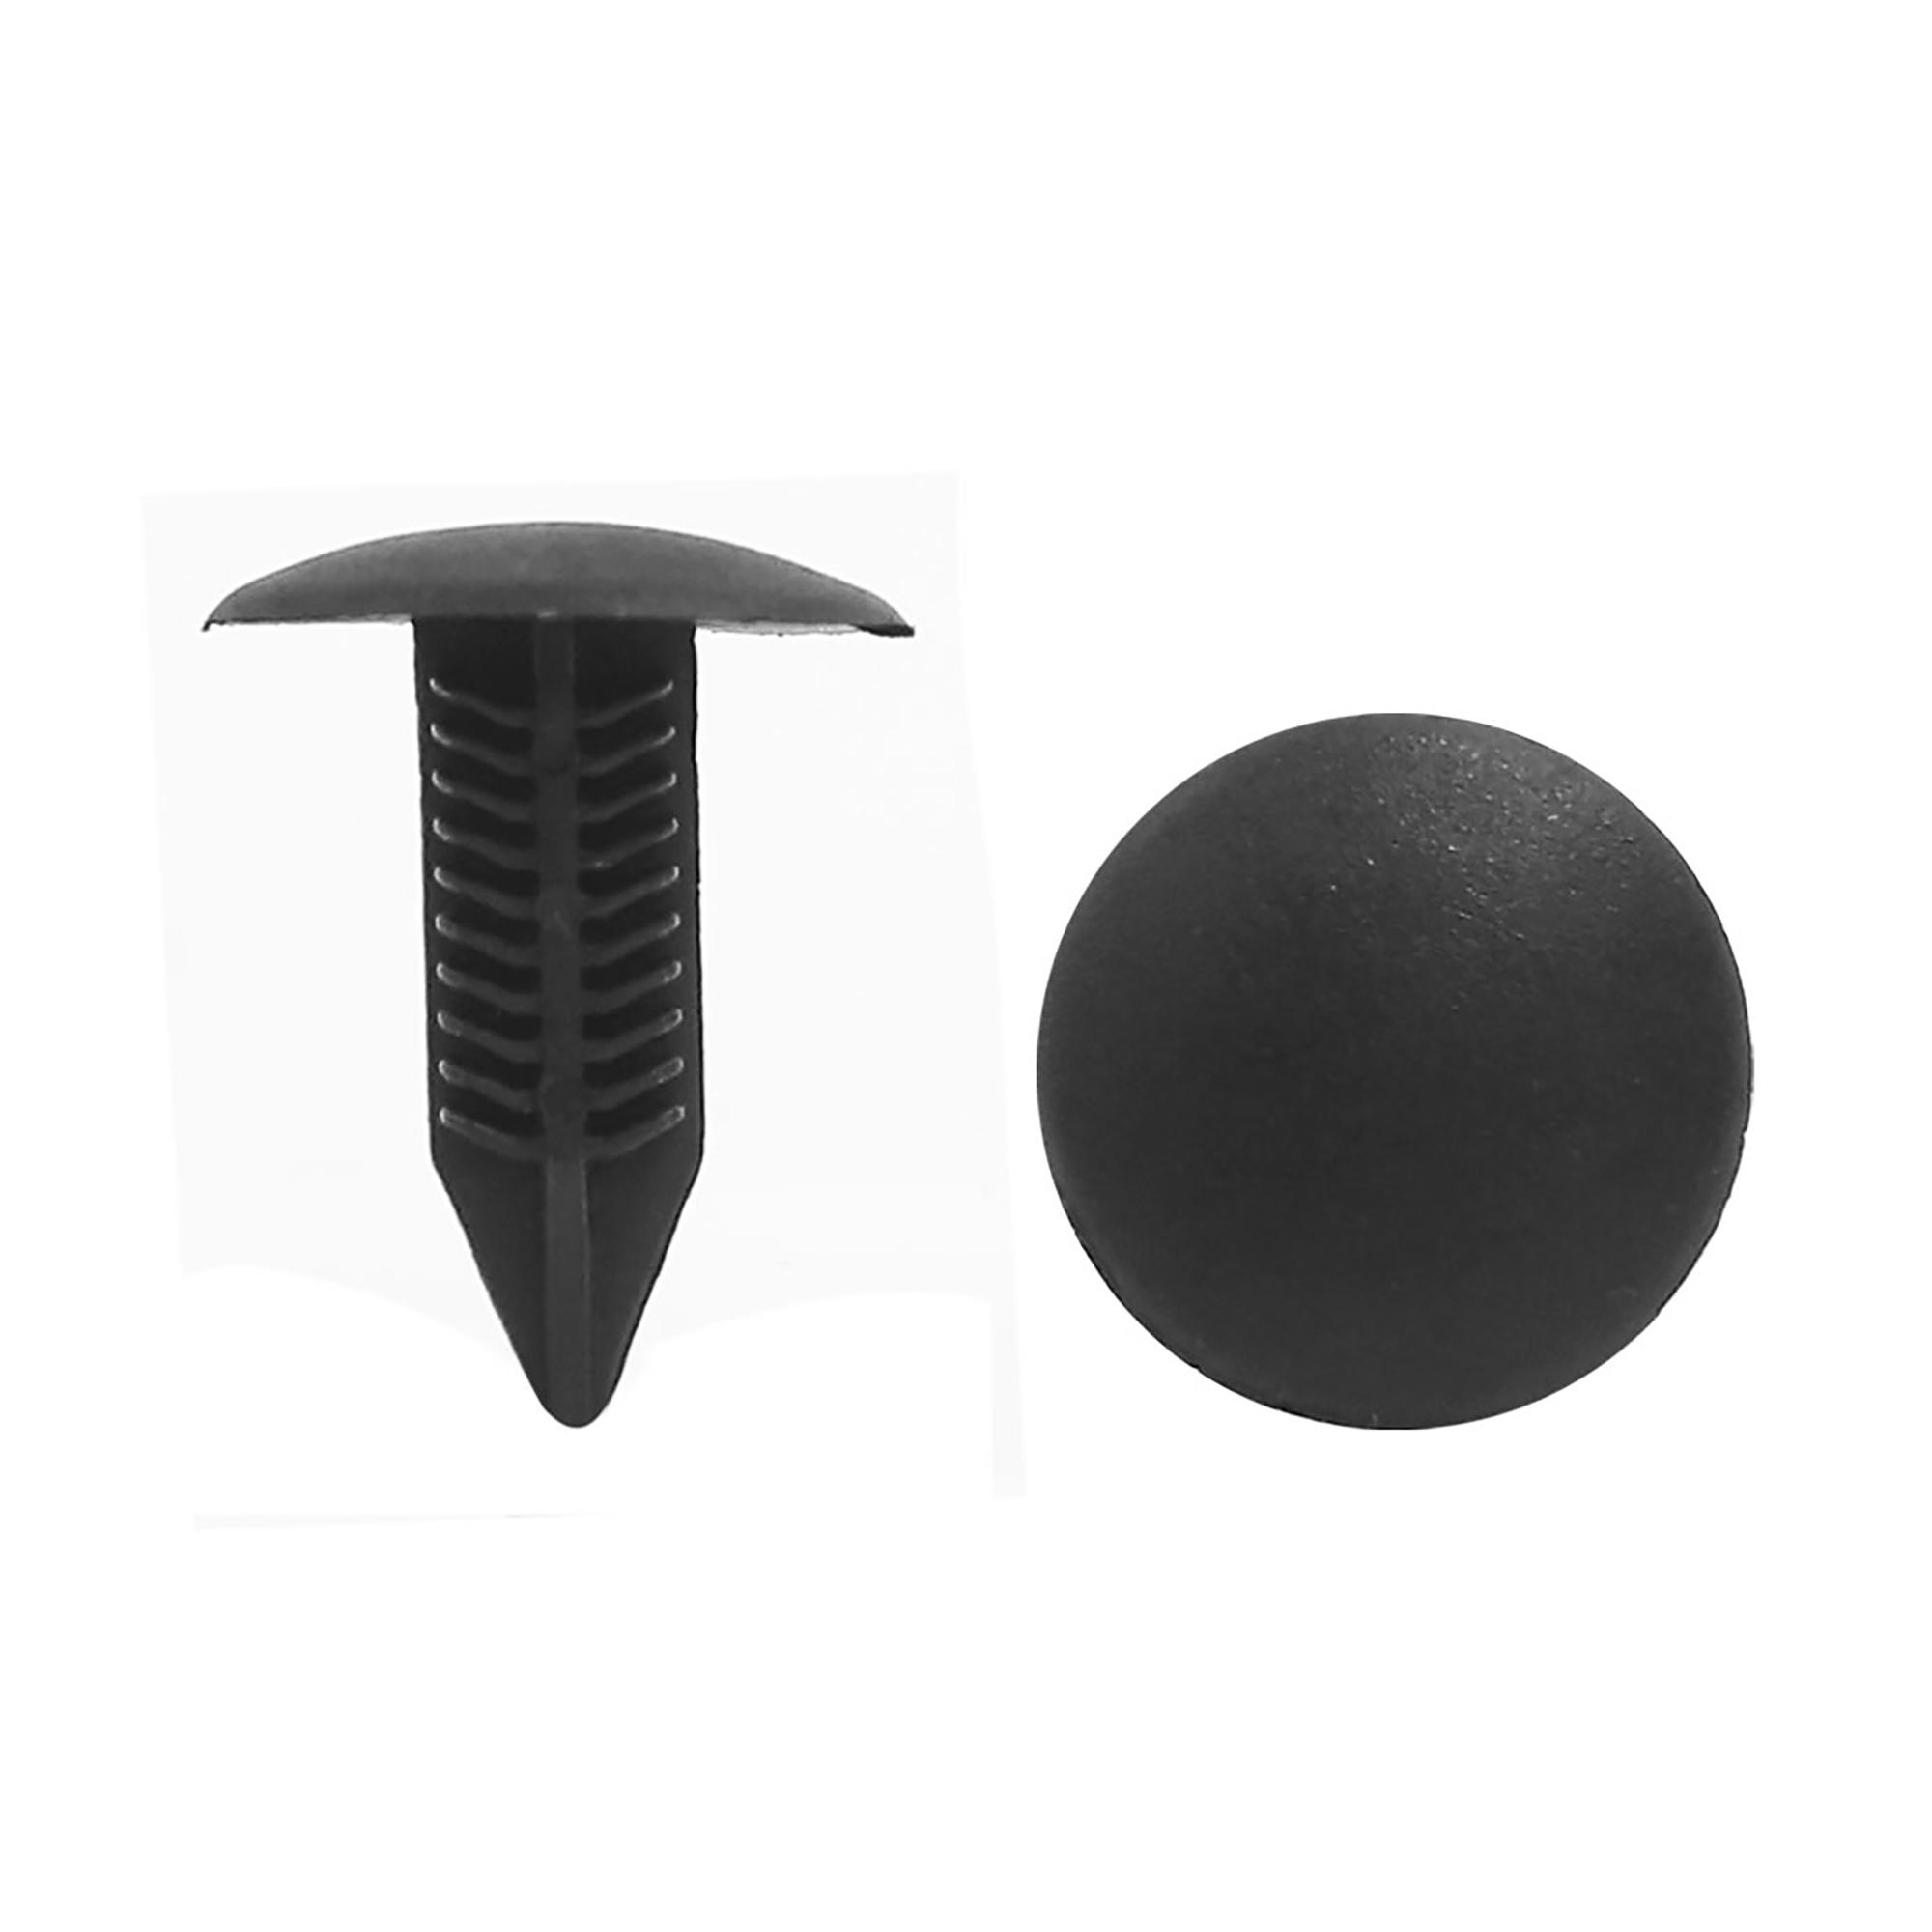 6.5mm x 6.6mm Hole Car Door Plastic Rivet Fastener Trim Panel Clip Black 100pcs